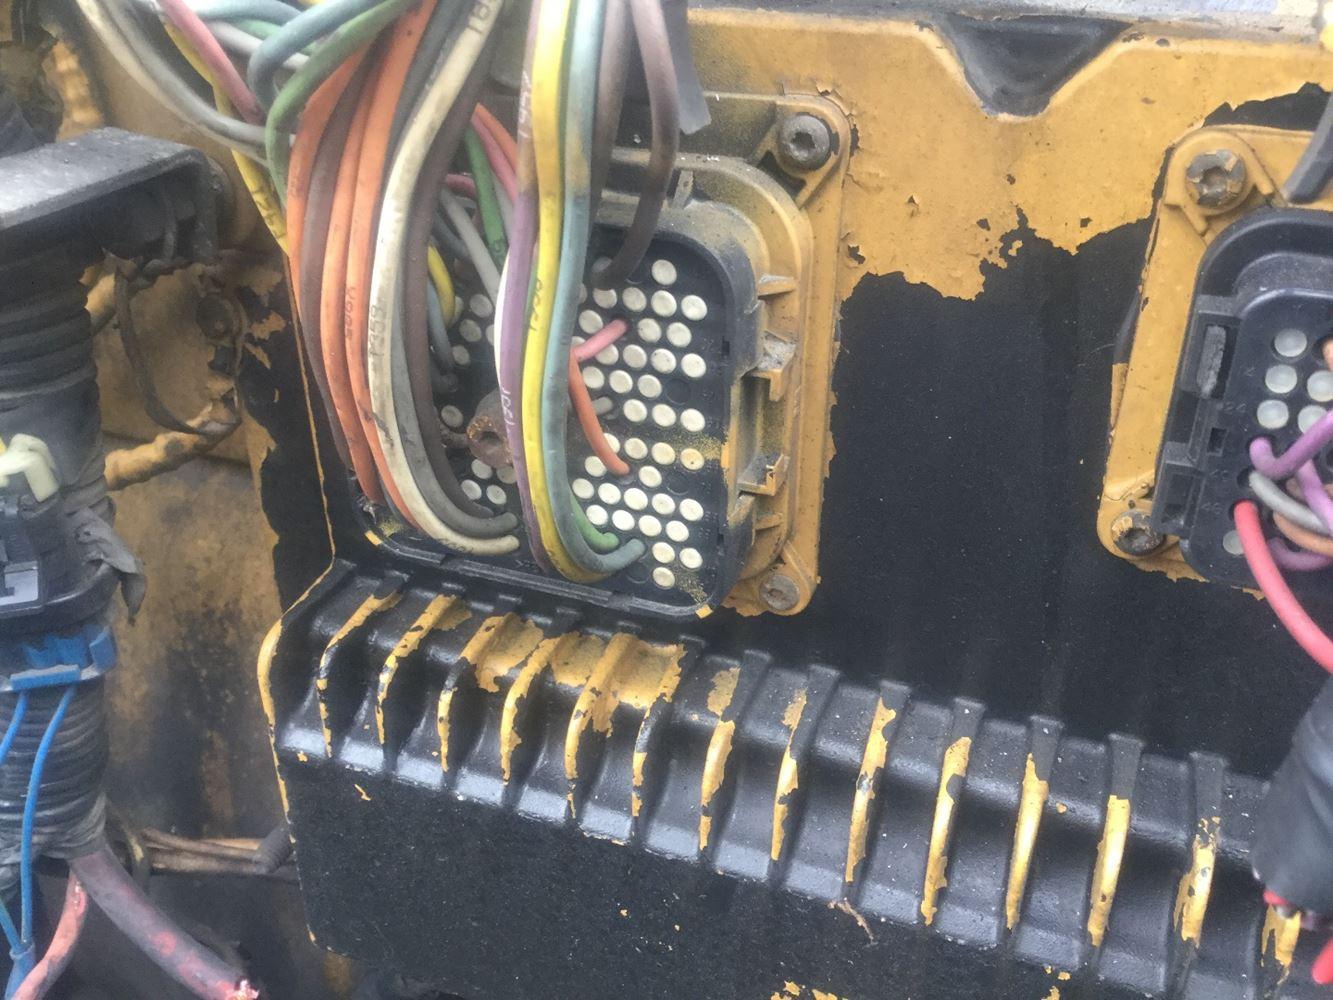 cat c 15 parts manual cat engine parts c15 caterpillar engine parts diagrams #32